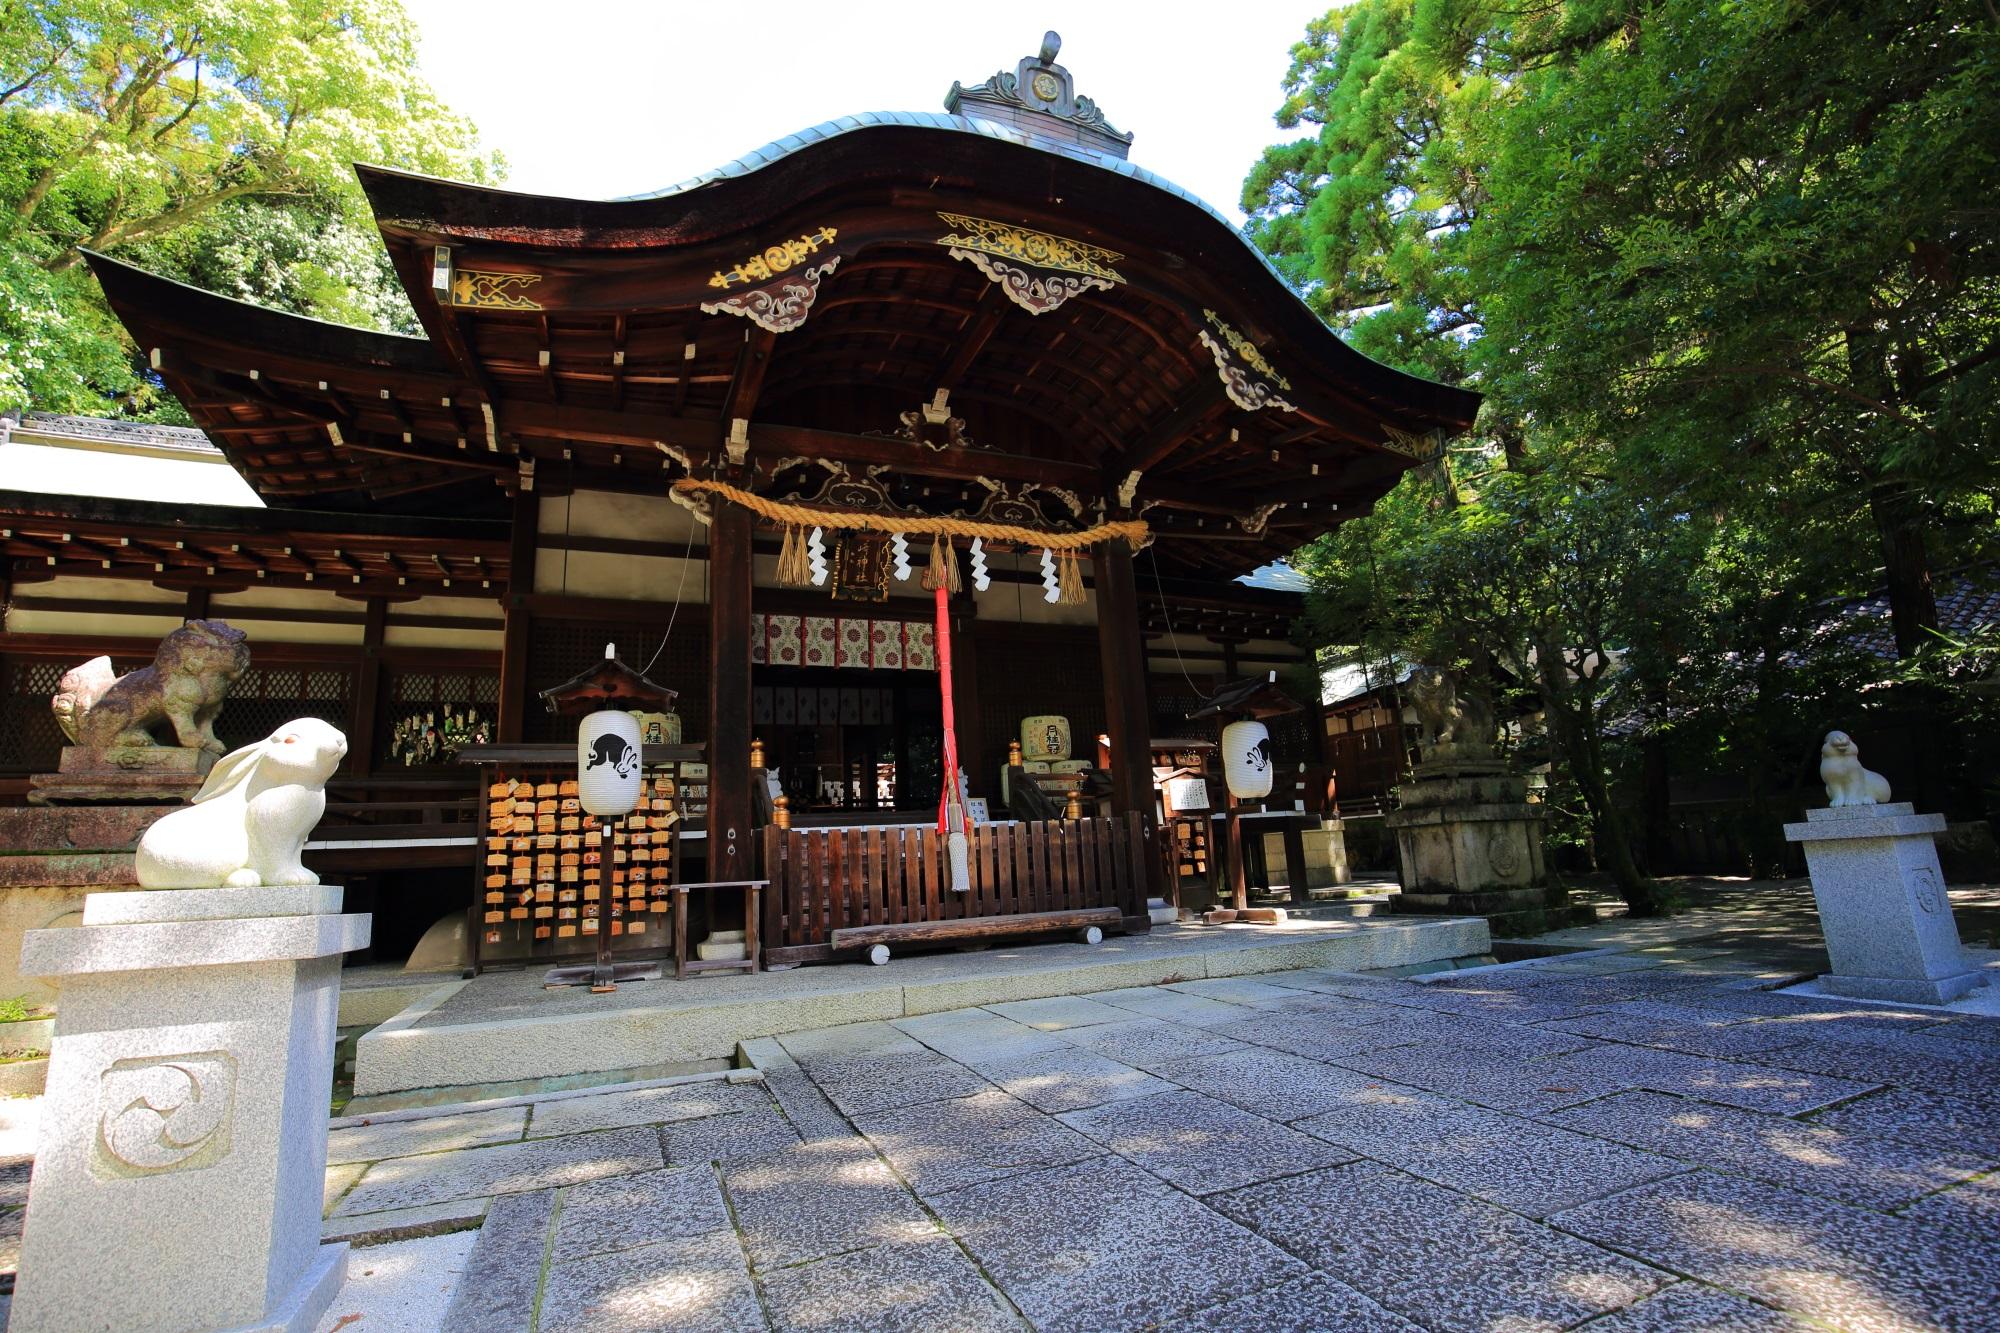 岡崎神社の非常に絵になる本殿と狛うさぎ